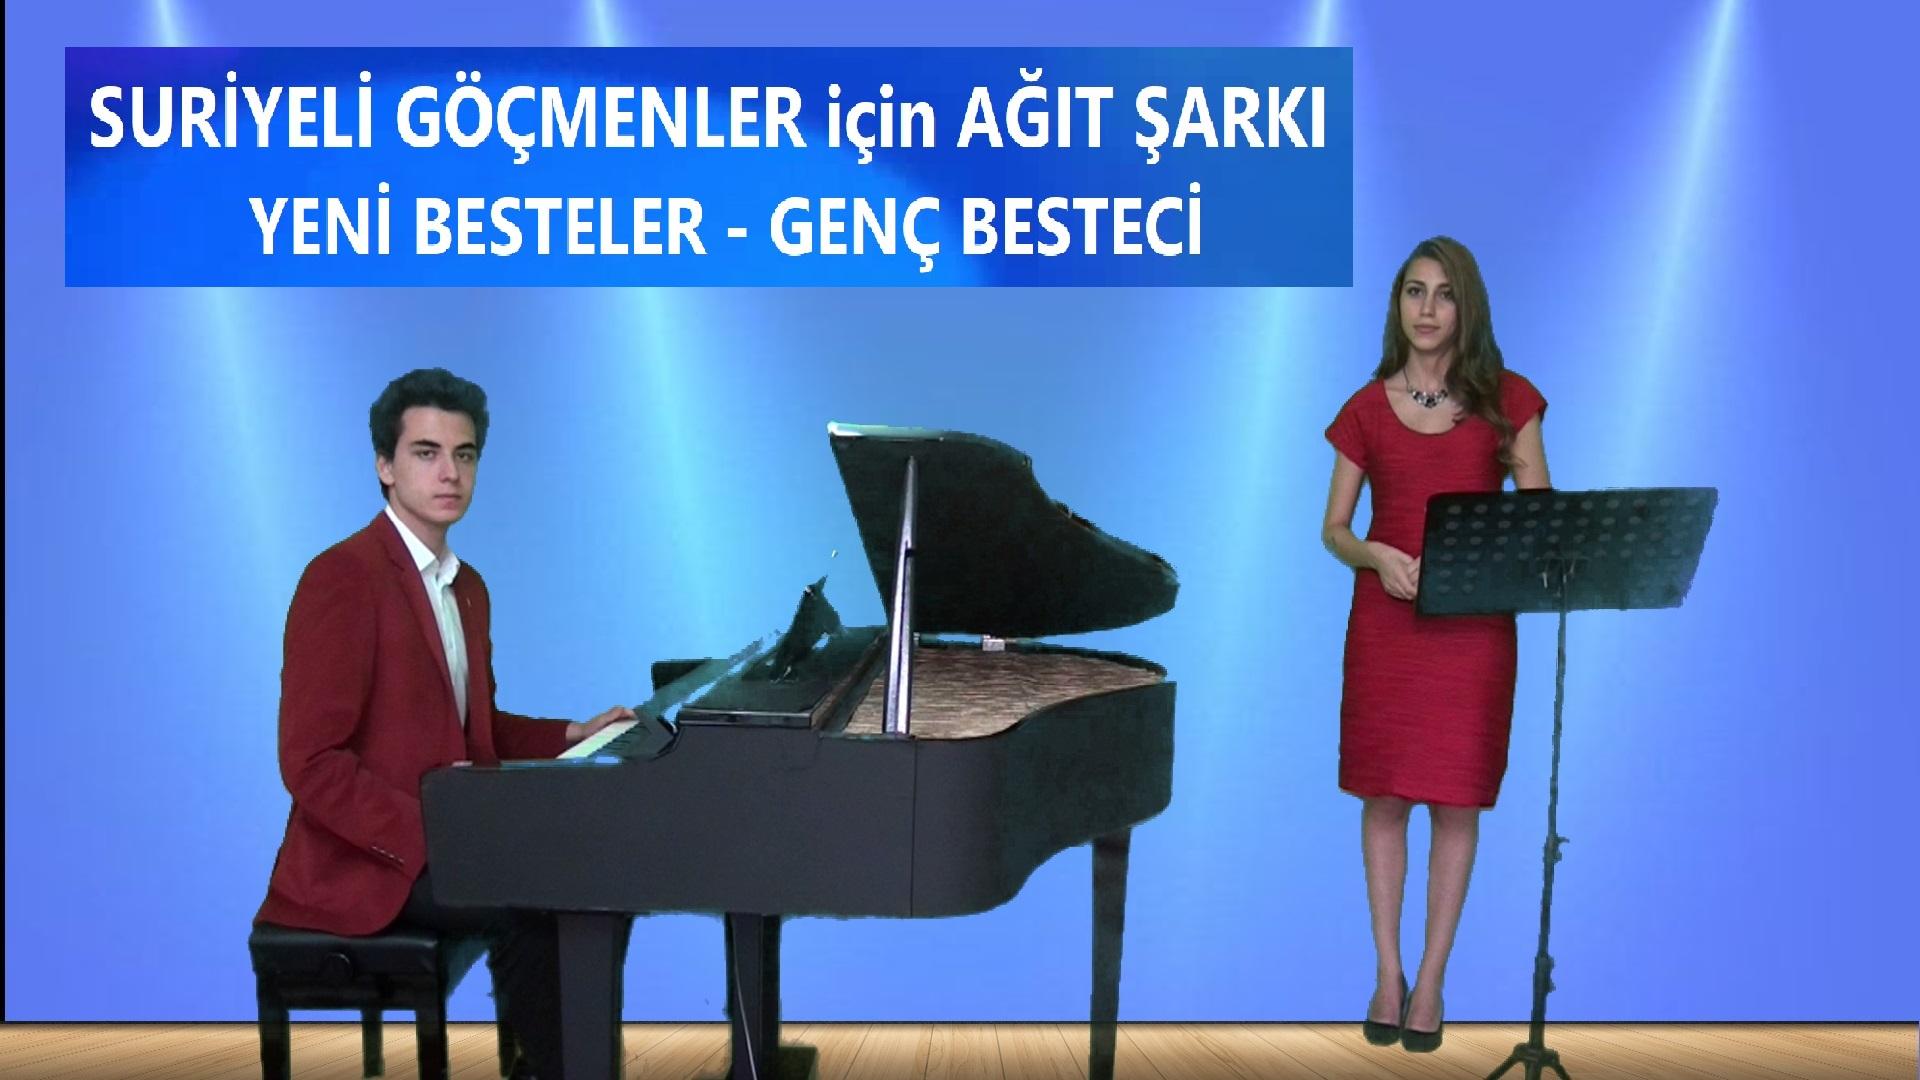 2020 Suriyeli Mülteciler İçin Ağıt şarkı Türkü Söz Beste Güneş Yakartepe Genç Besteci Bestekar Yeni Besteleri Son Beste En Yeni Çıkan 2020 New Young Composer Şarkısı Güzel Müzik